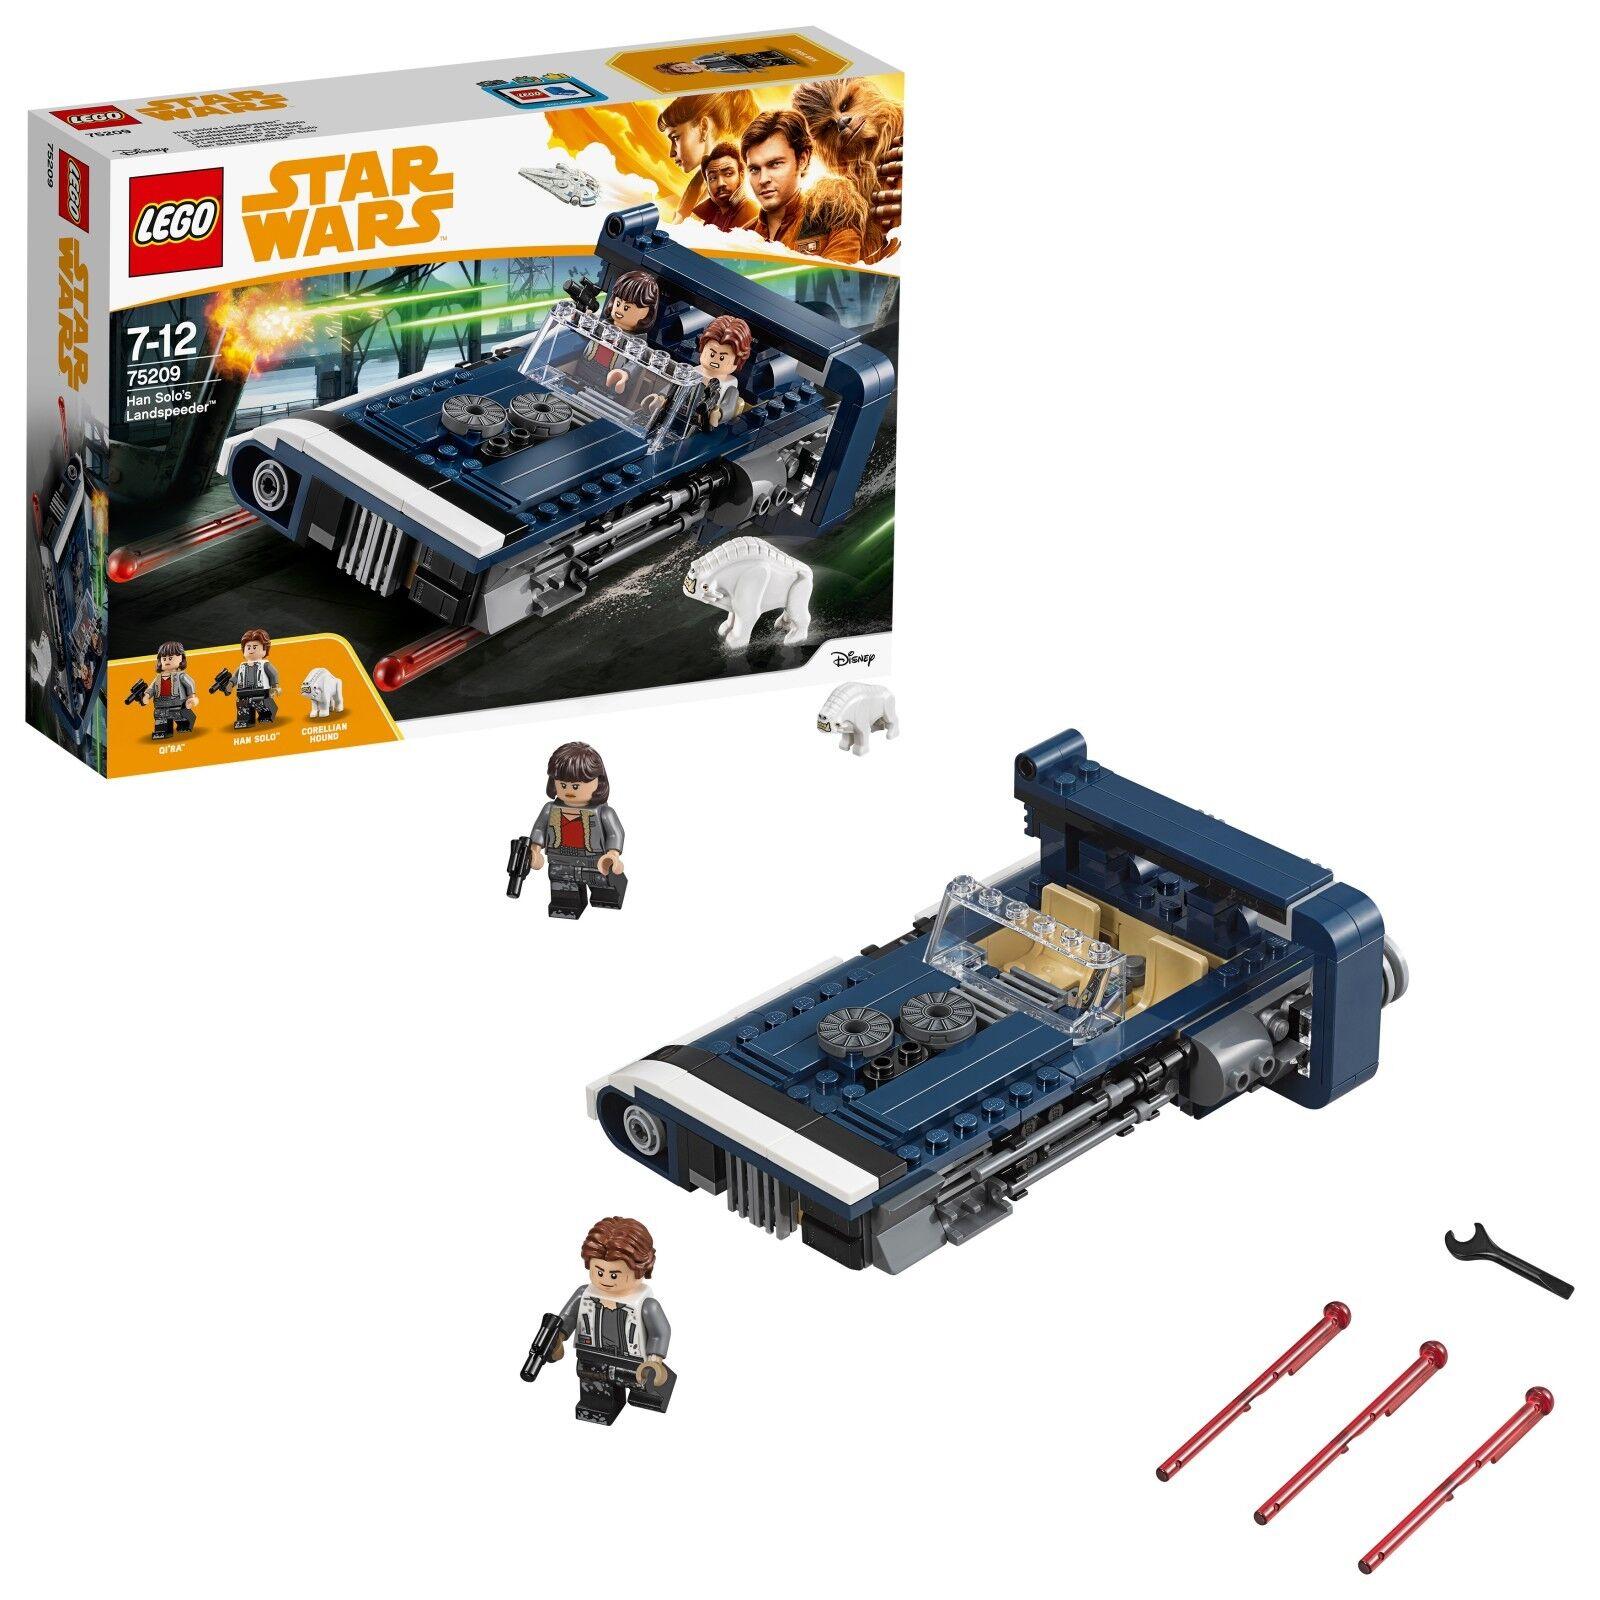 LEGO® Star Wars™ 75209 Han Solo's Landspeeder™ NEU OVP NEW MISB NRFB